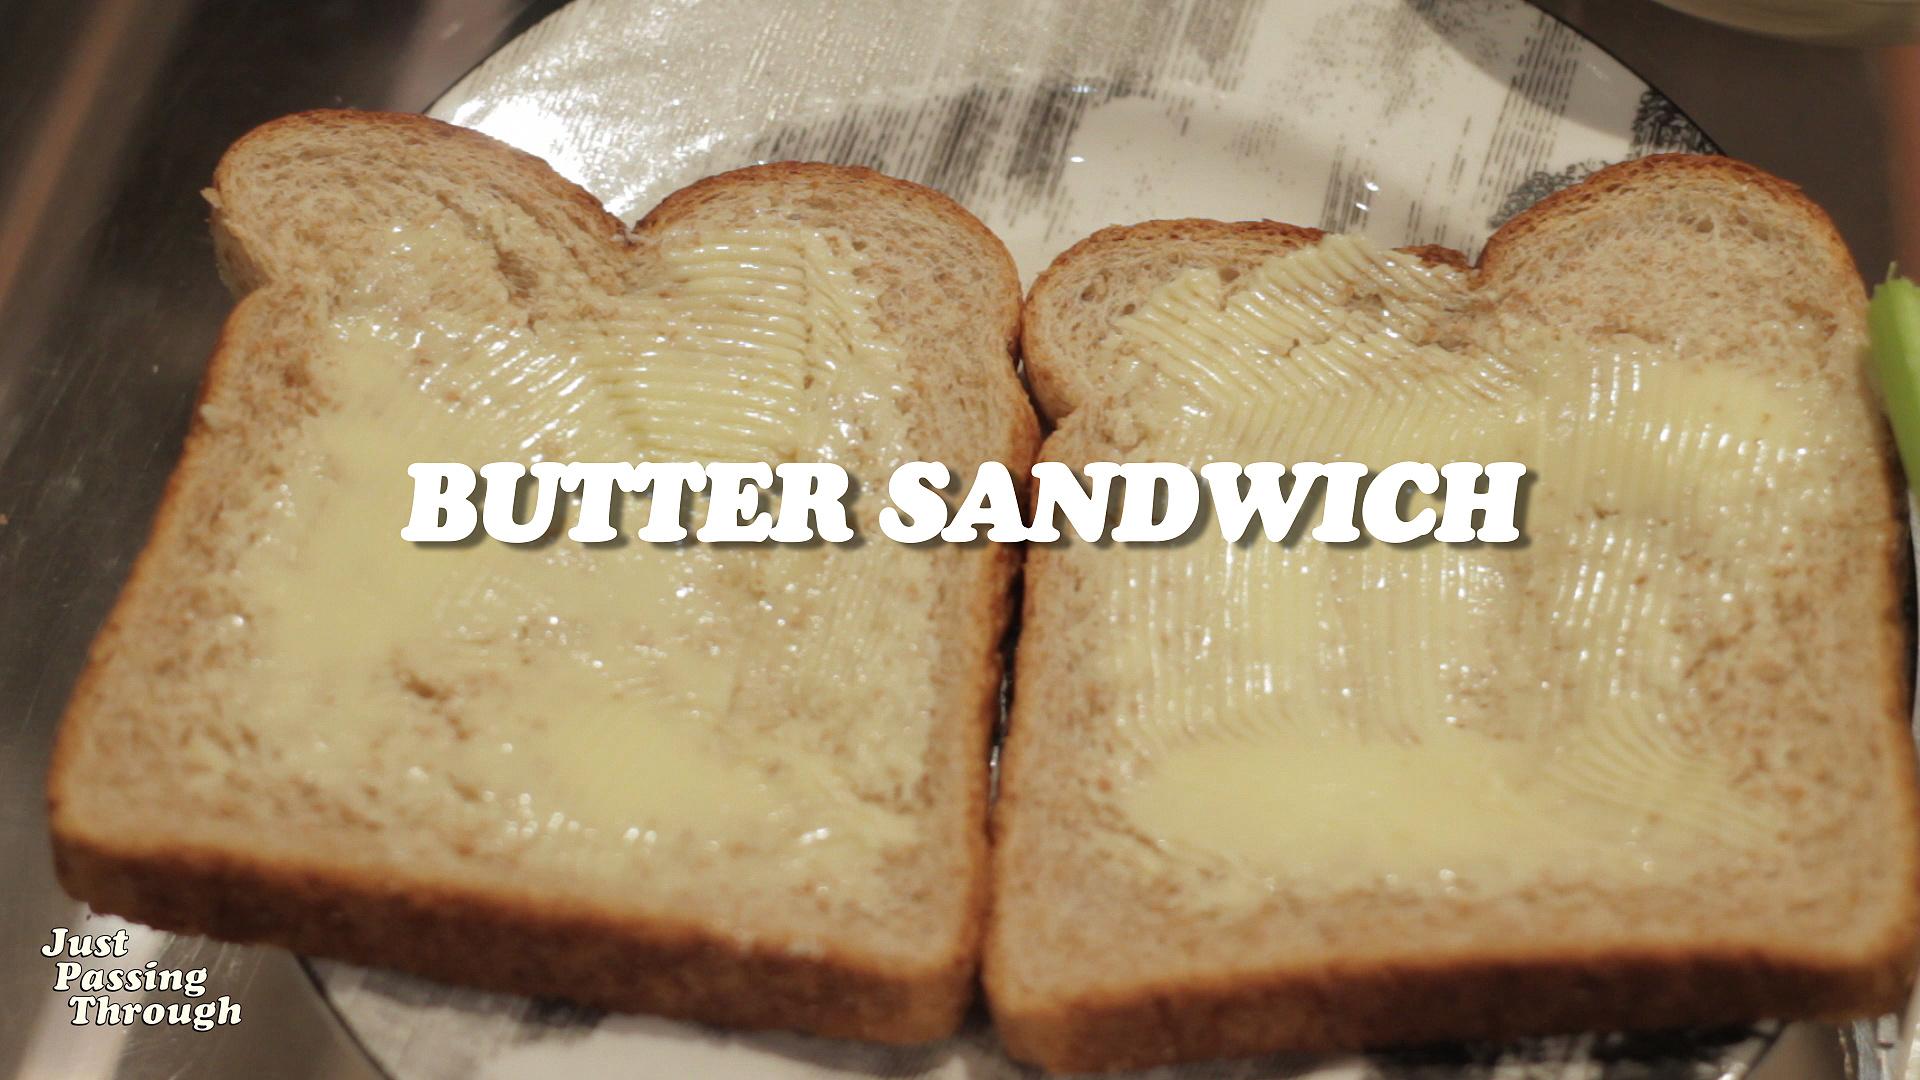 The Butter Sandwich